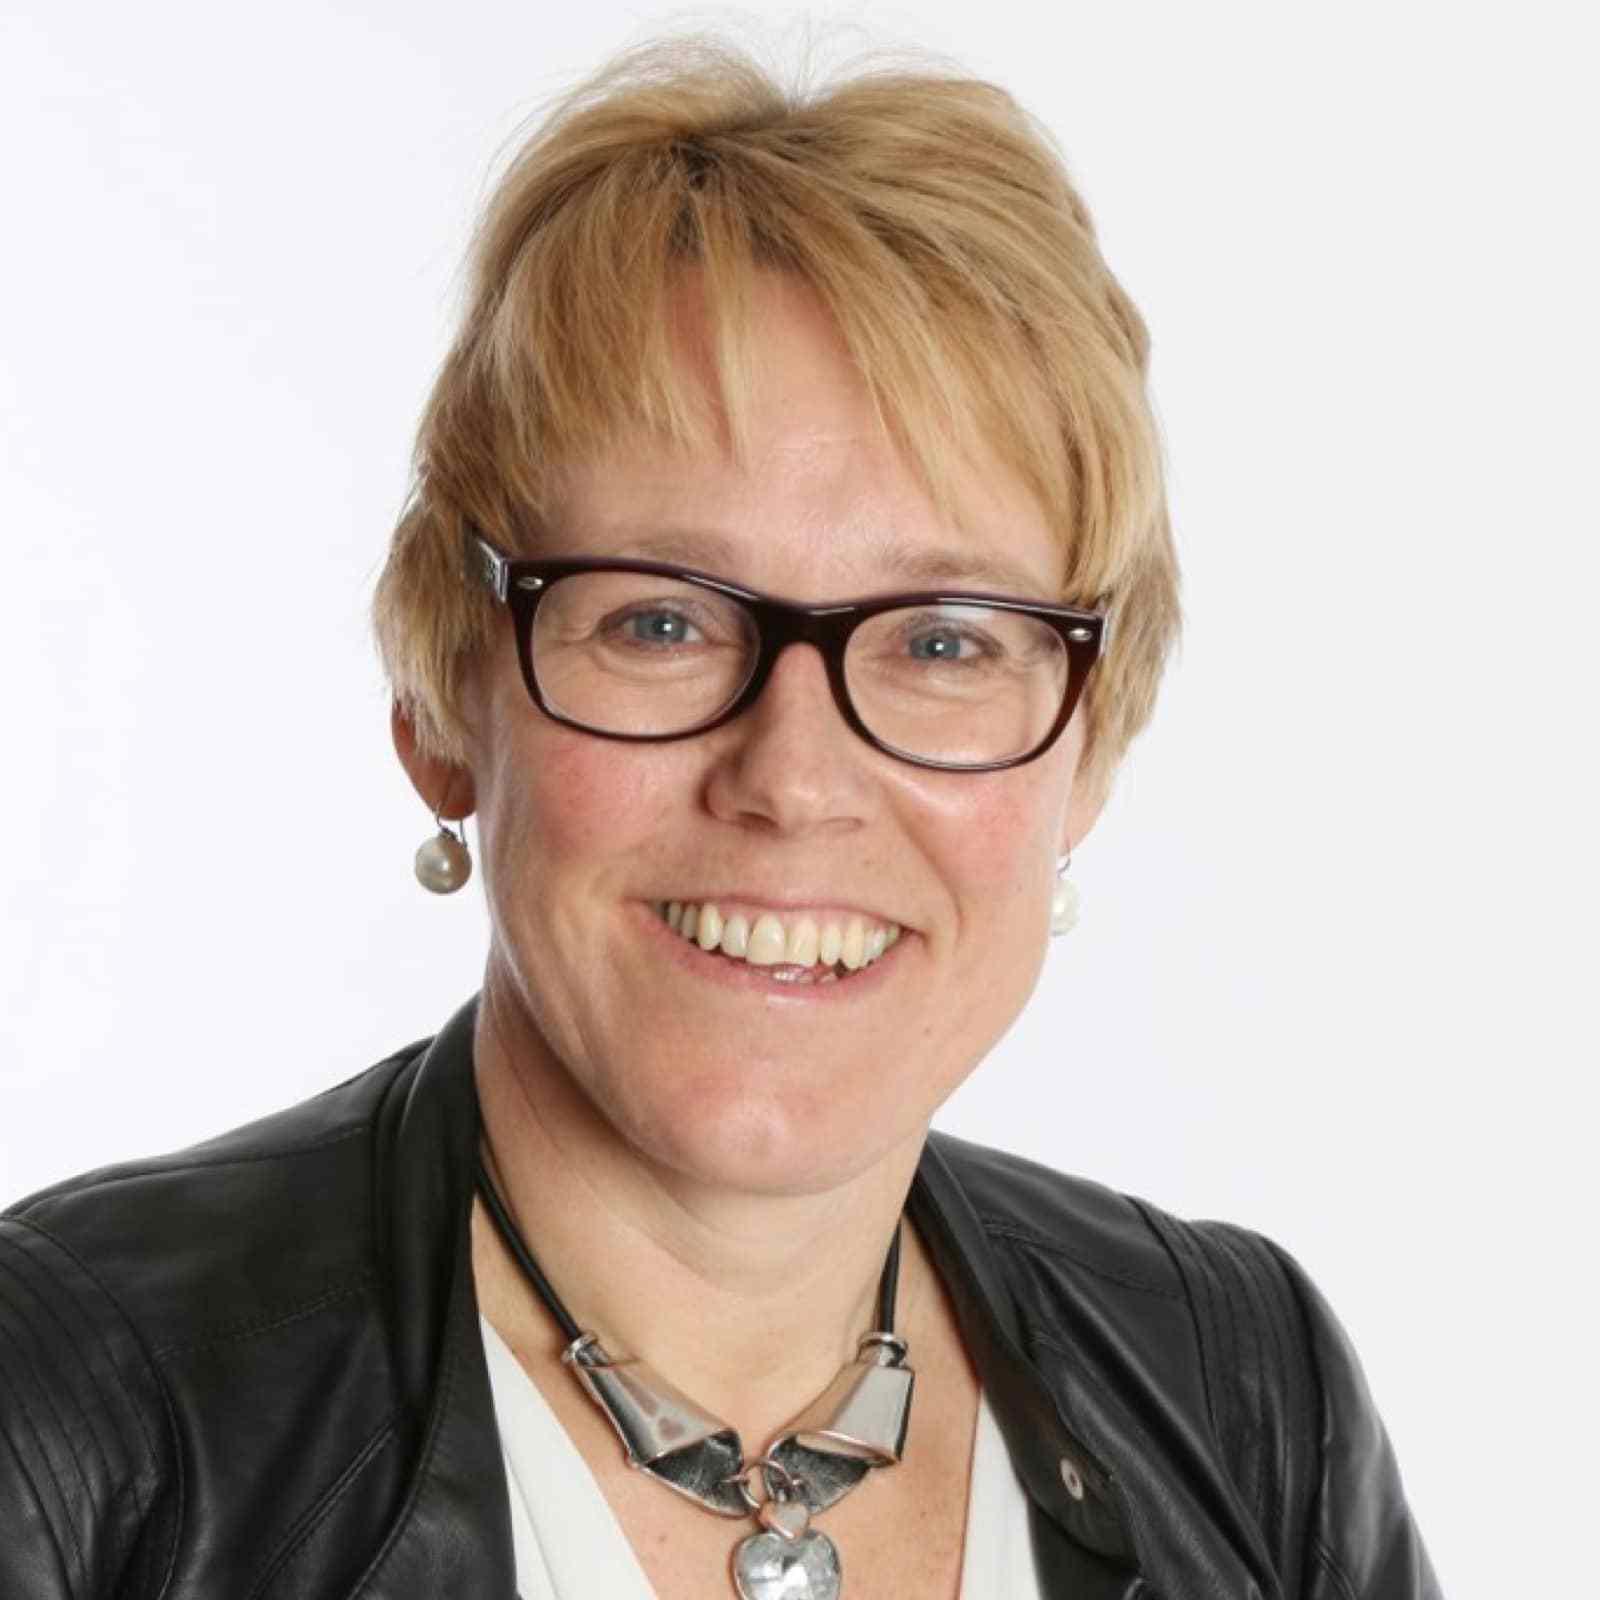 Lizette van Vianen - Accountant in Nieuwerkerk aan den IJssel